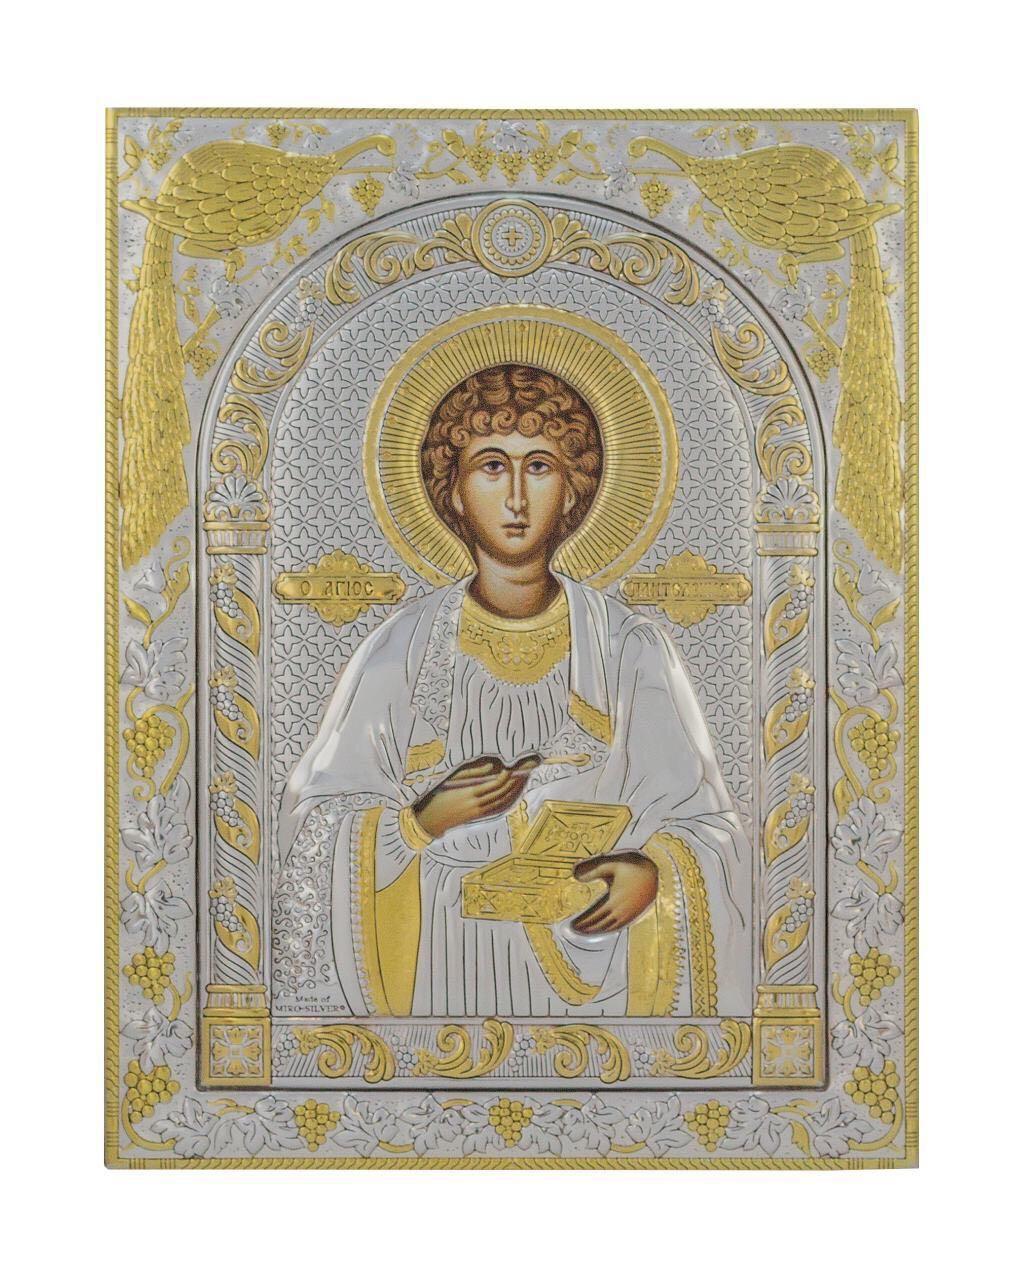 Пантелеймон икона 120 мм х 160 мм серебряная с позолотой